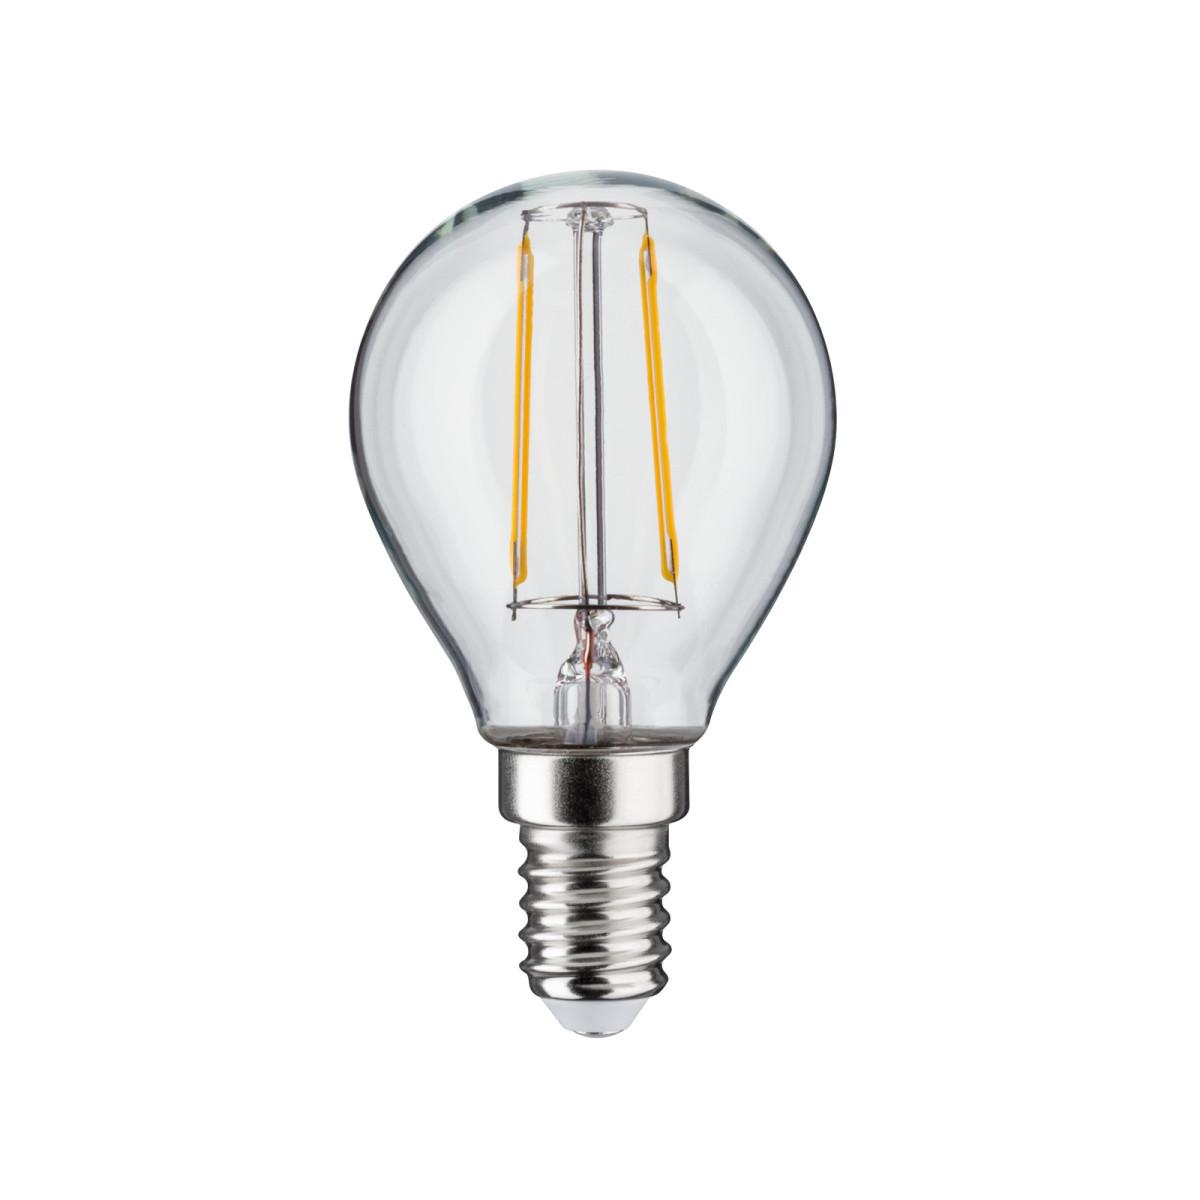 Лампа Филаментная Paulmann Капля 25Вт 250Лм 2700К E14 230В Прозрачный 28370